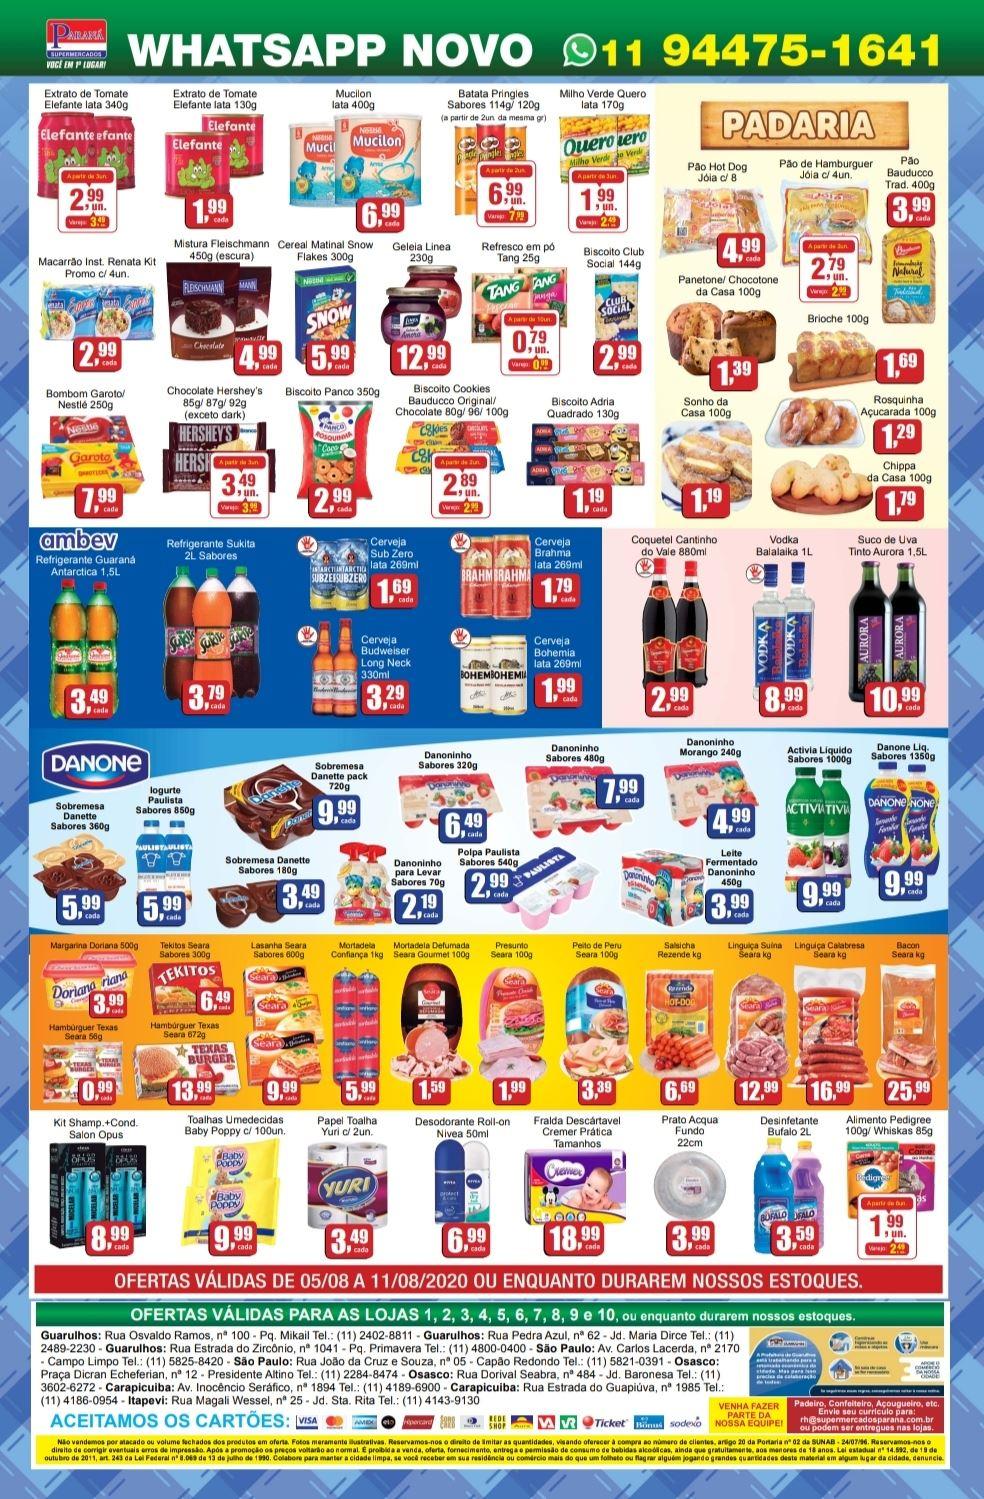 Encarte Supermercados Paraná 05/08/20 02